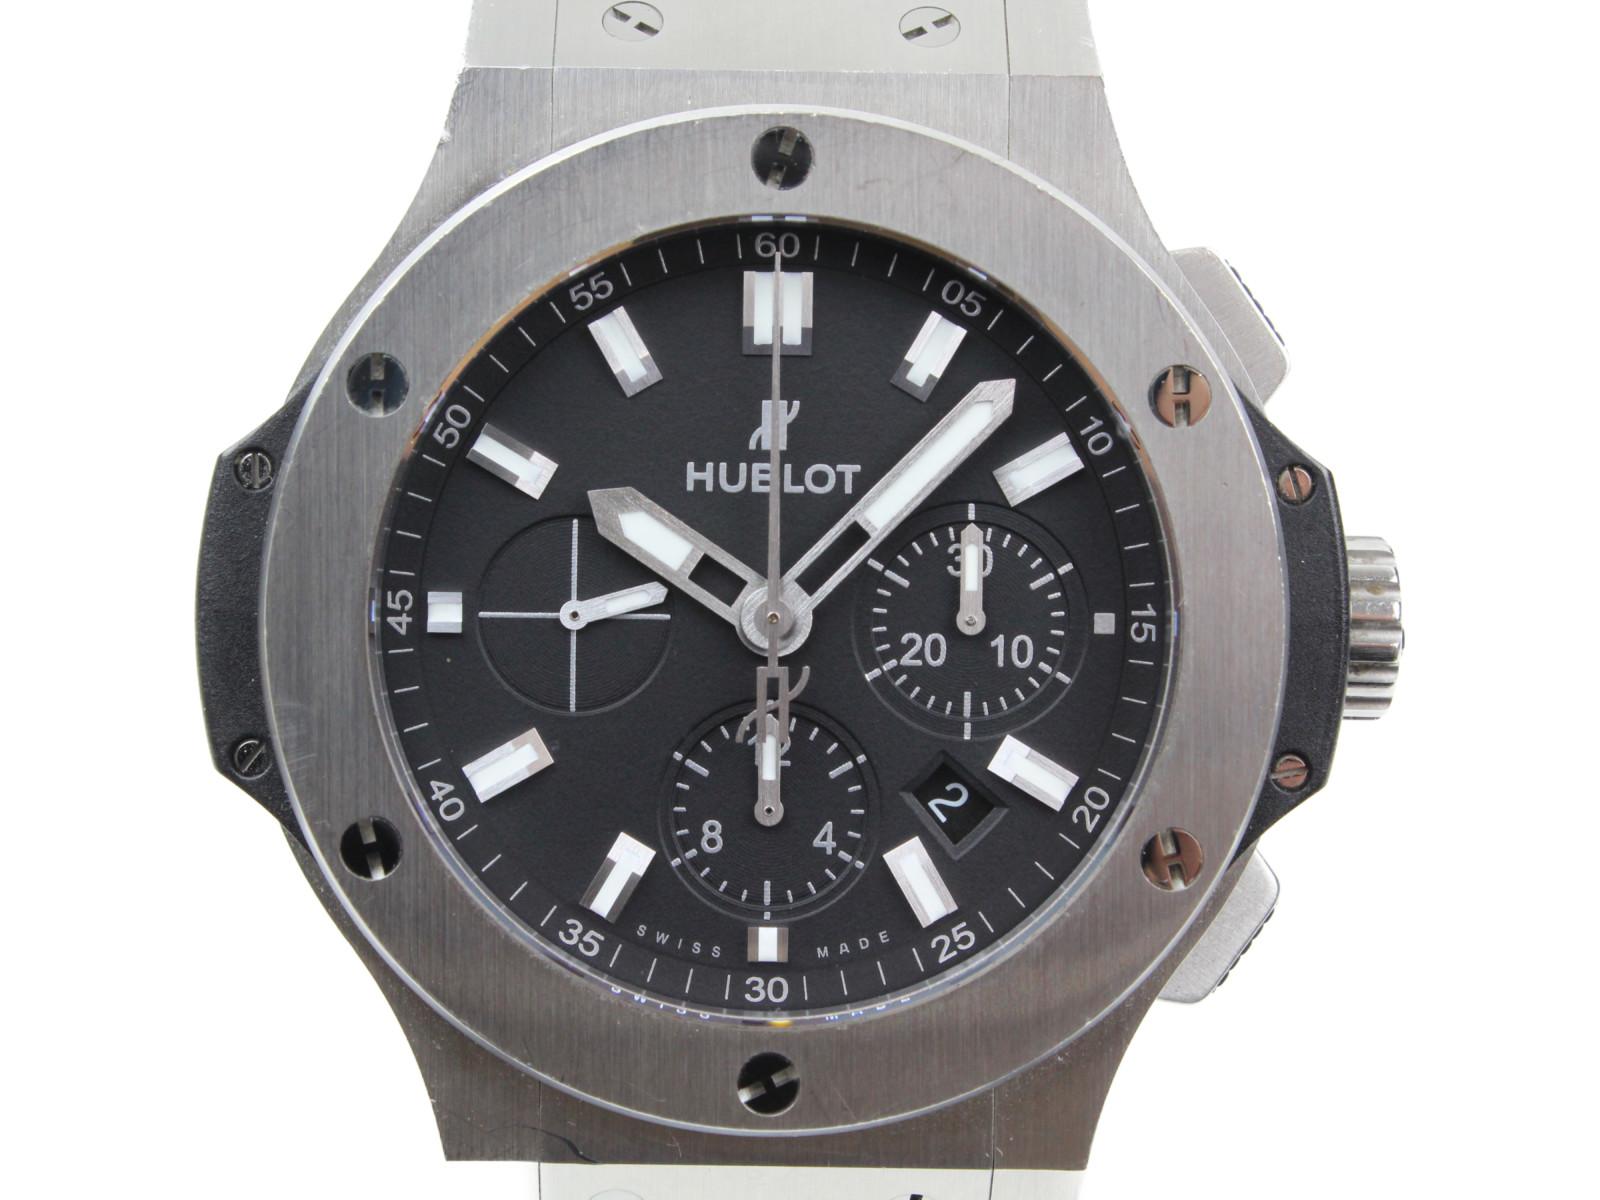 HUBLOT ウブロ ビッグバン エボリューション 301.SX.1170.RX 自動巻き クロノグラフ デイト ステンレススチール ラバー ブラック メンズ 腕時計【中古】